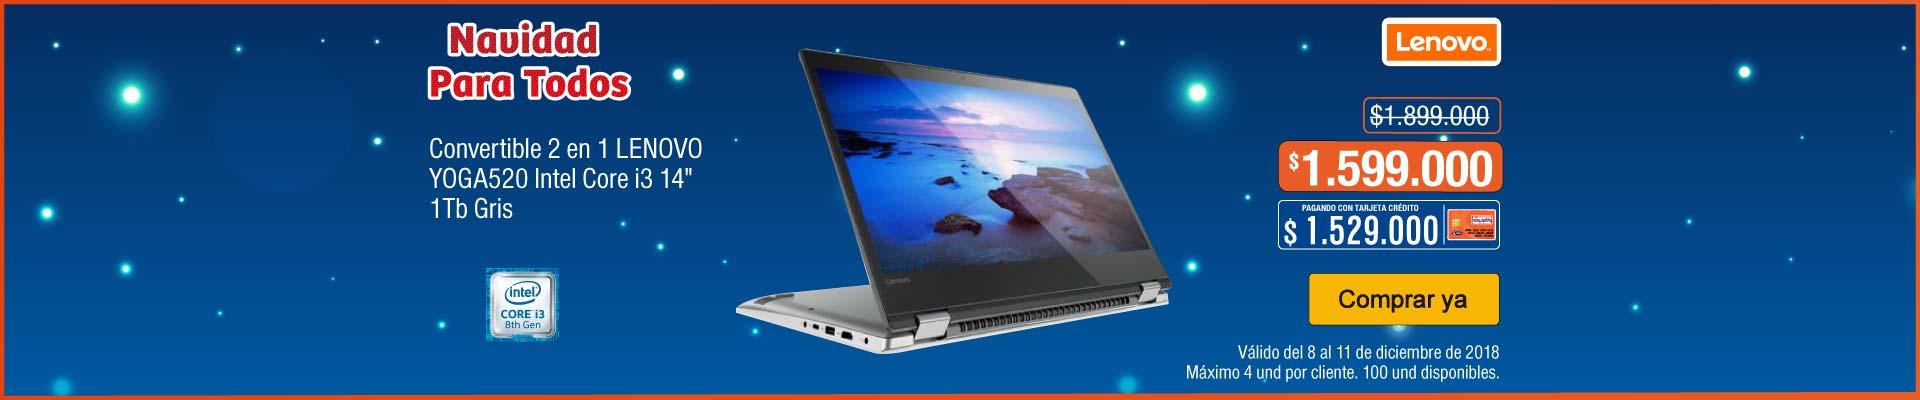 AK-PPAL-1-computadores y tablets-PP---Lenovo-2en1 YOGA520-dic8